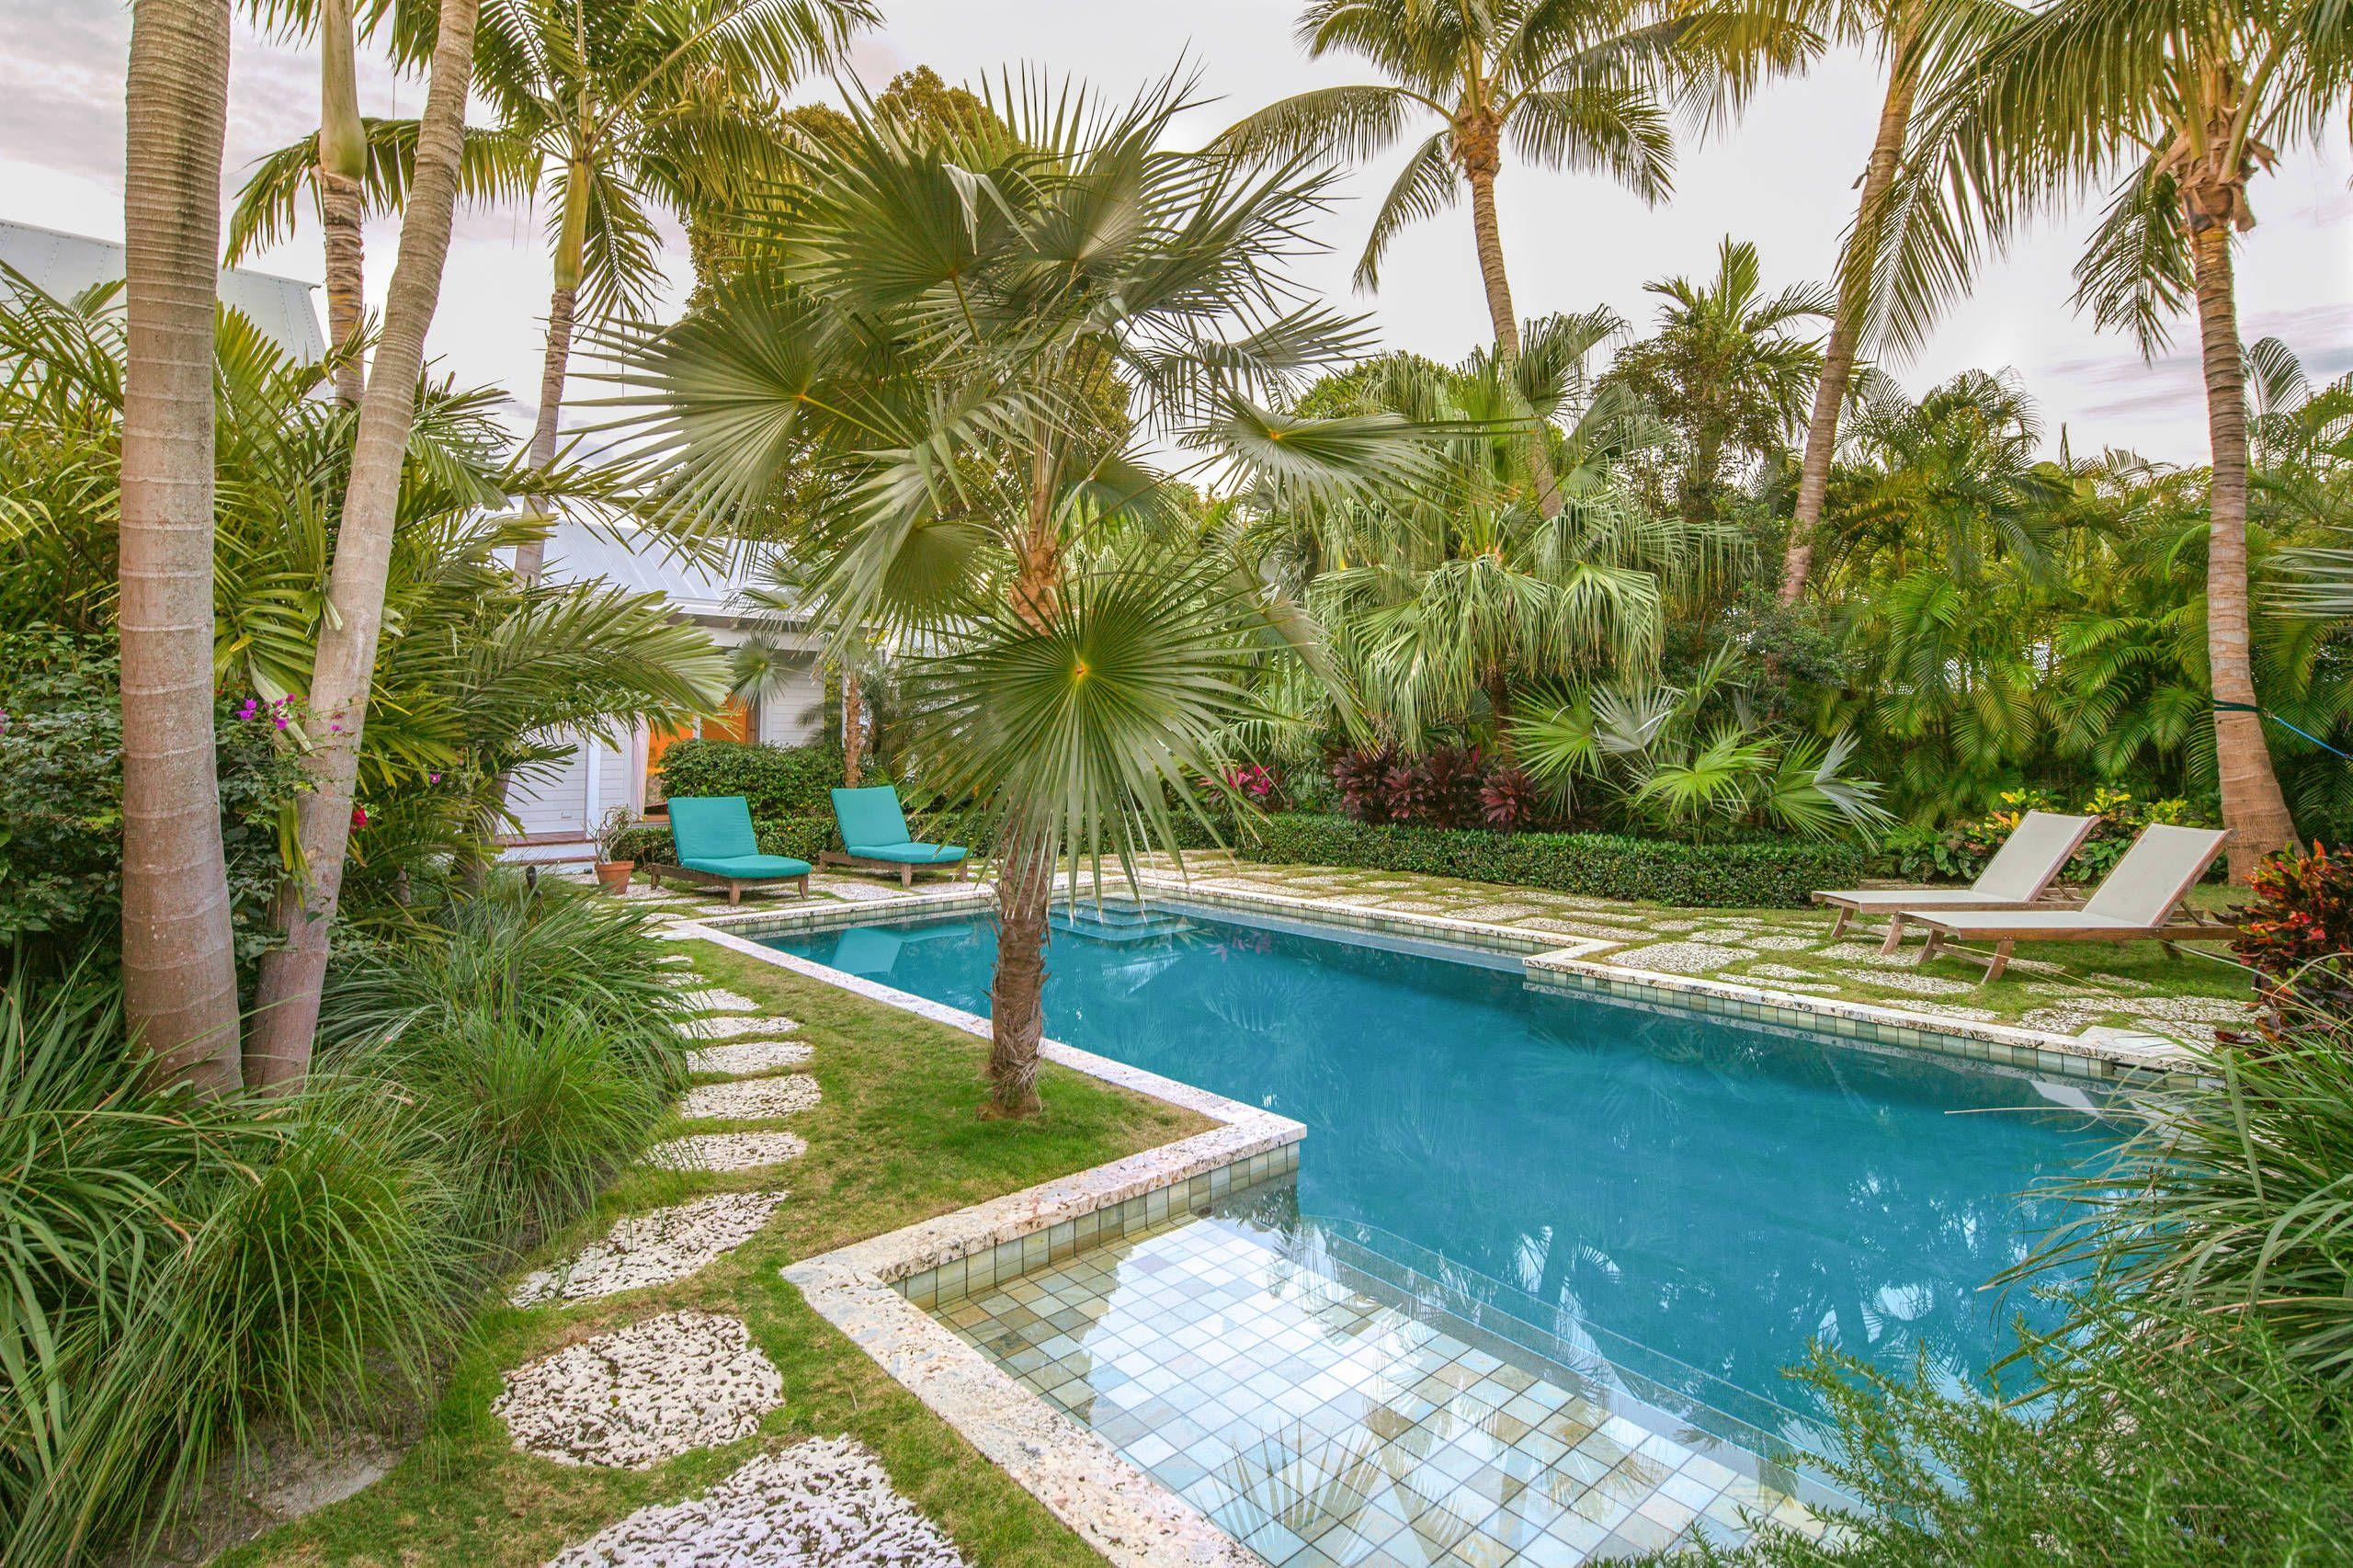 A piscina dessa casa foi cercada por plantas tropicais, entre elas a palmeira azul, formando um jardim exuberante